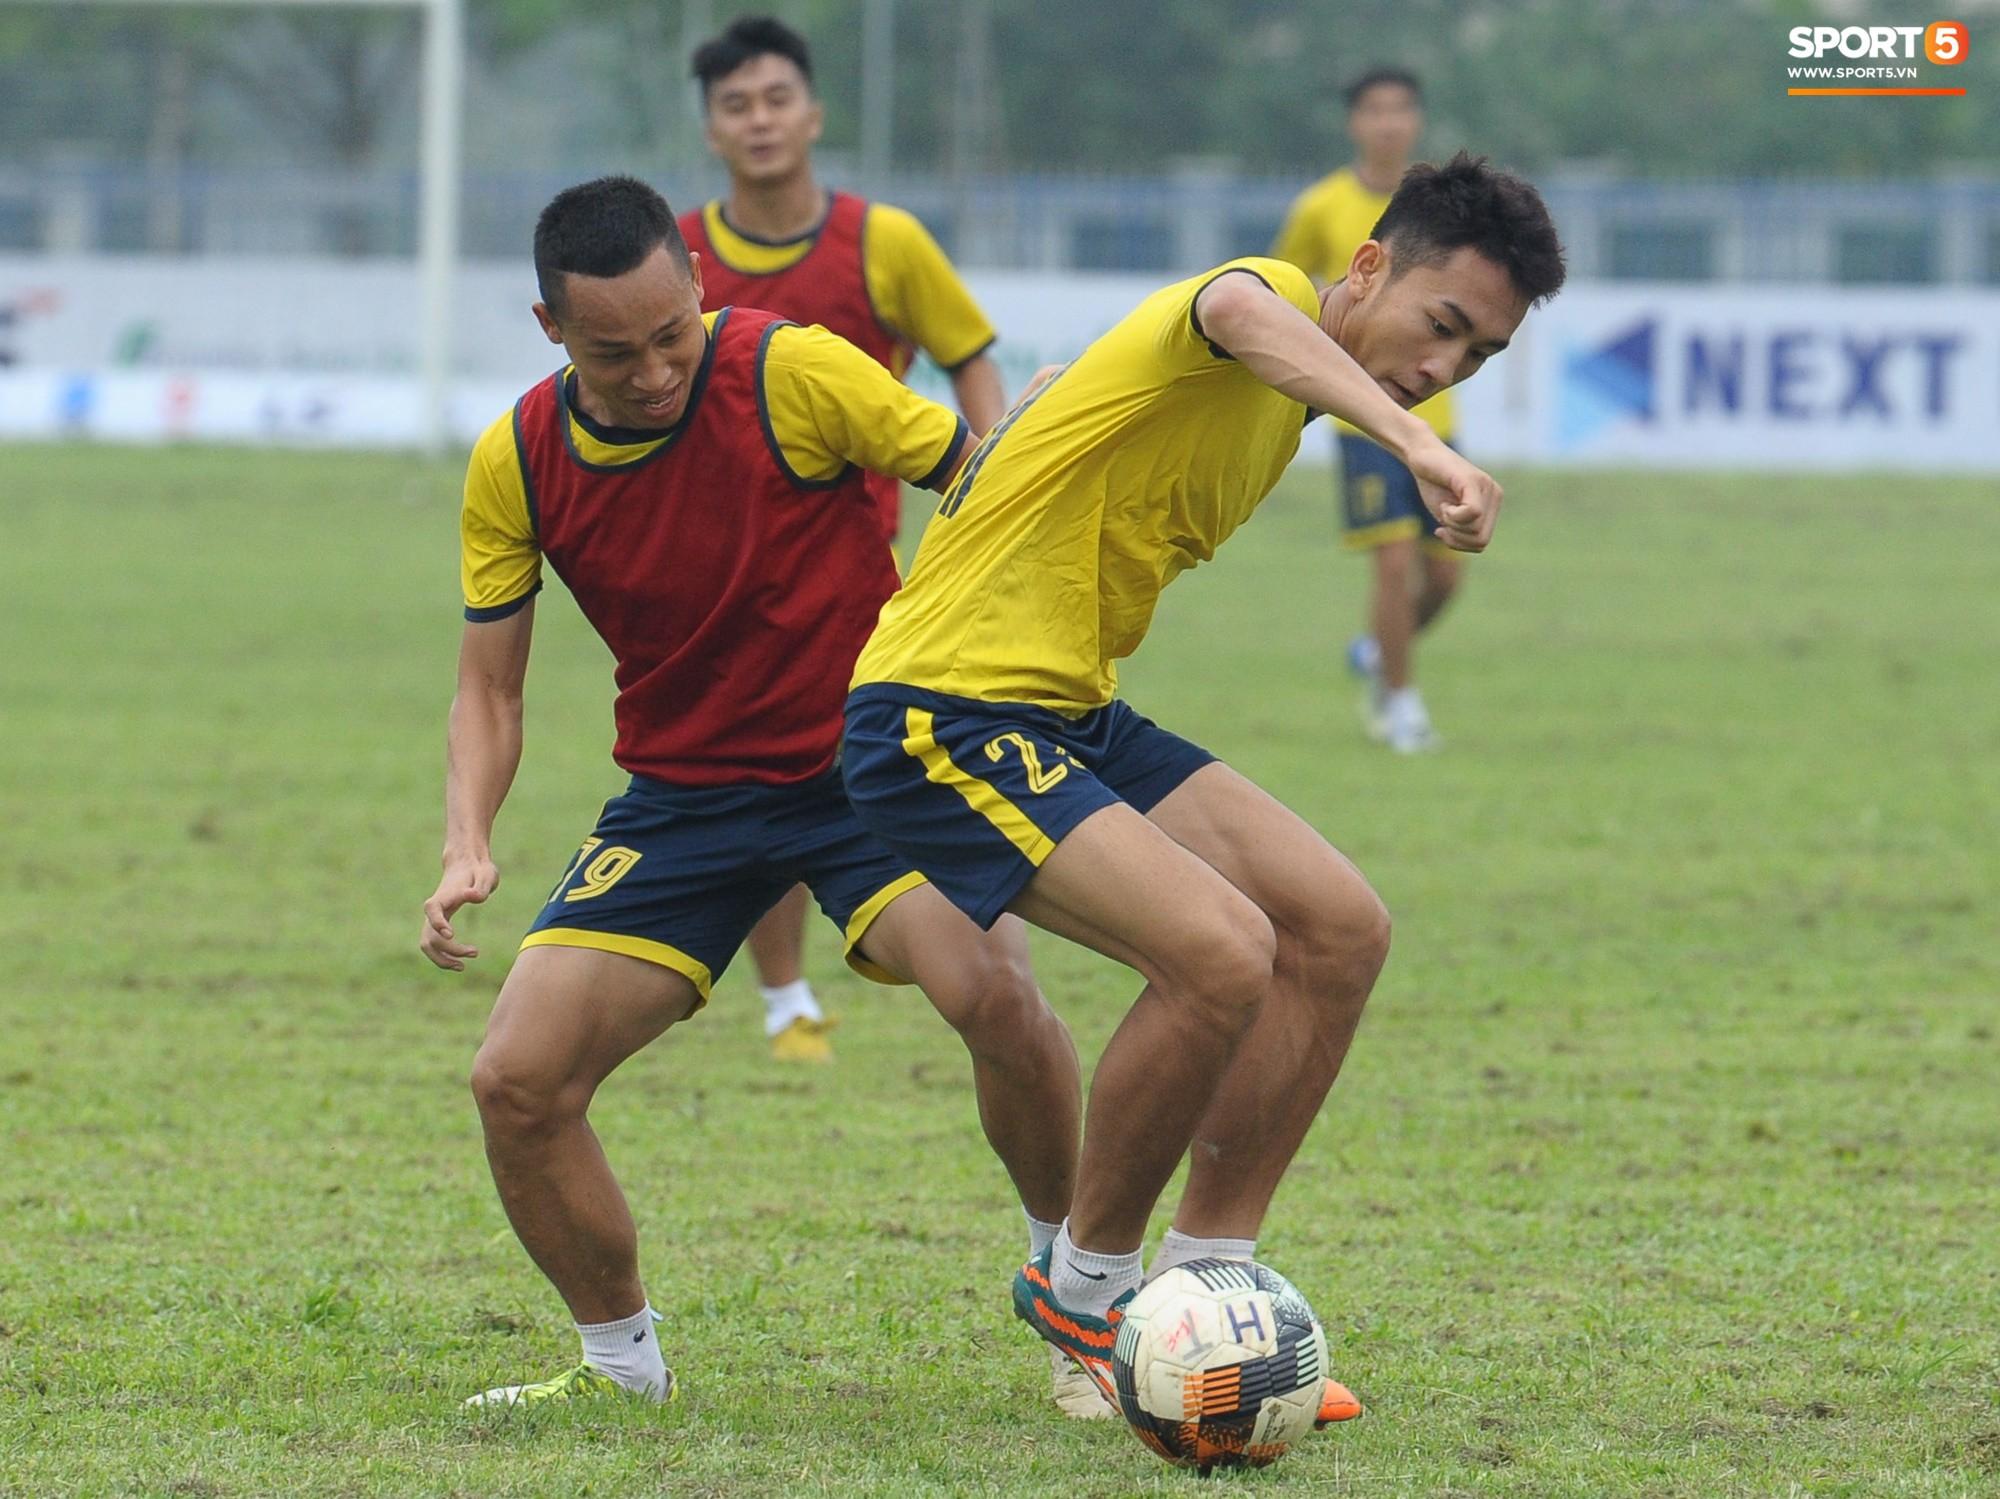 Dàn hot boy U22 Việt Nam khoác áo Hà Tĩnh FC đùa vui cực nhí nhảnh trước trận gặp Phù Đổng FC - Ảnh 1.